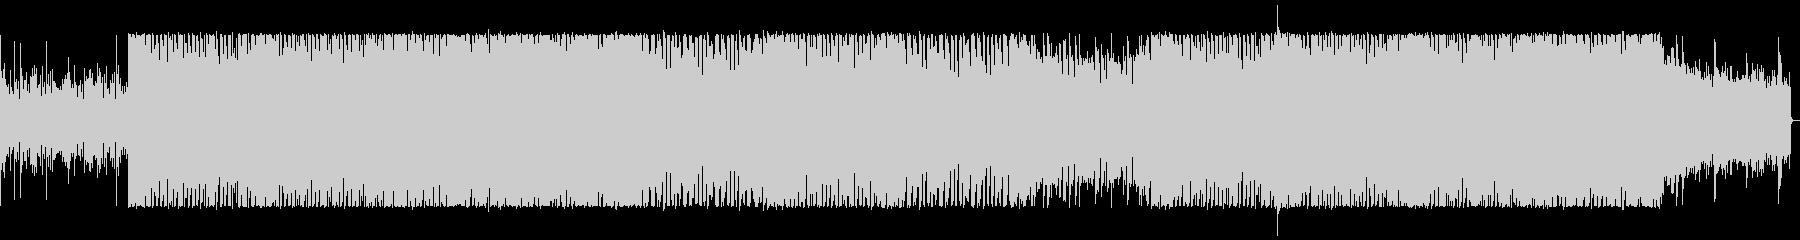 ドラムとシンセのくにゃくにゃ音のミックスの未再生の波形